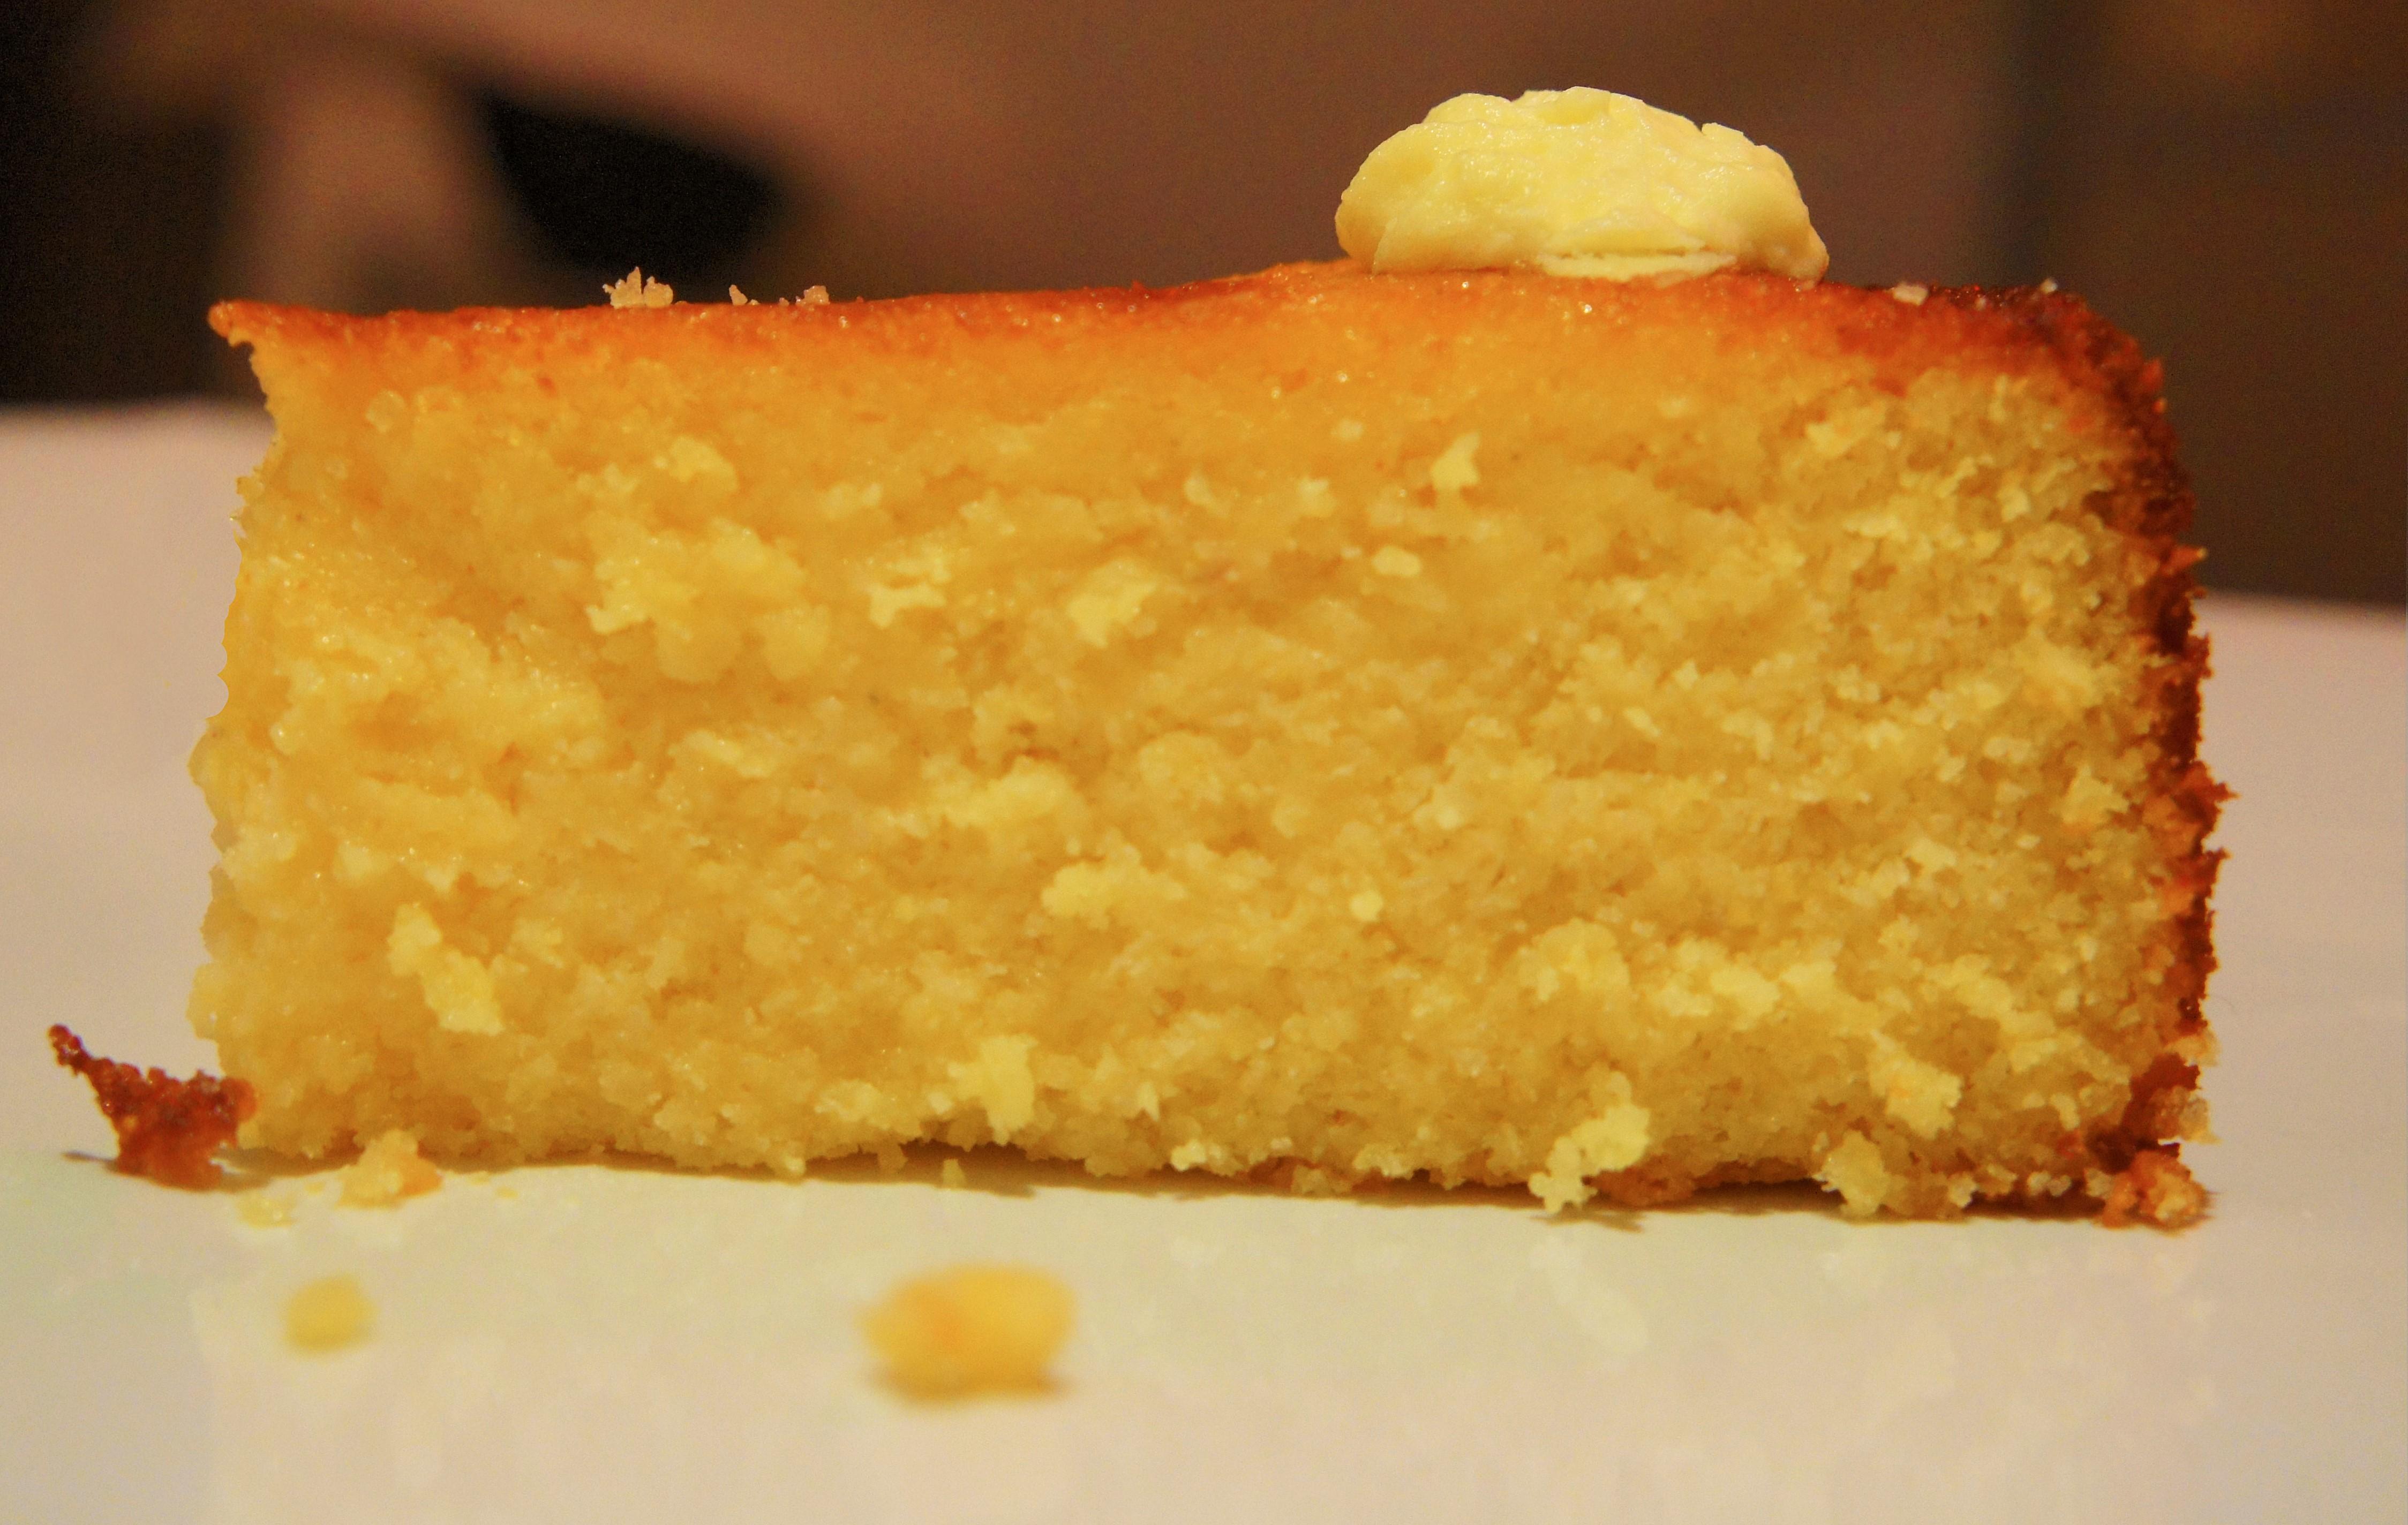 Extra Moist Lemon Cake